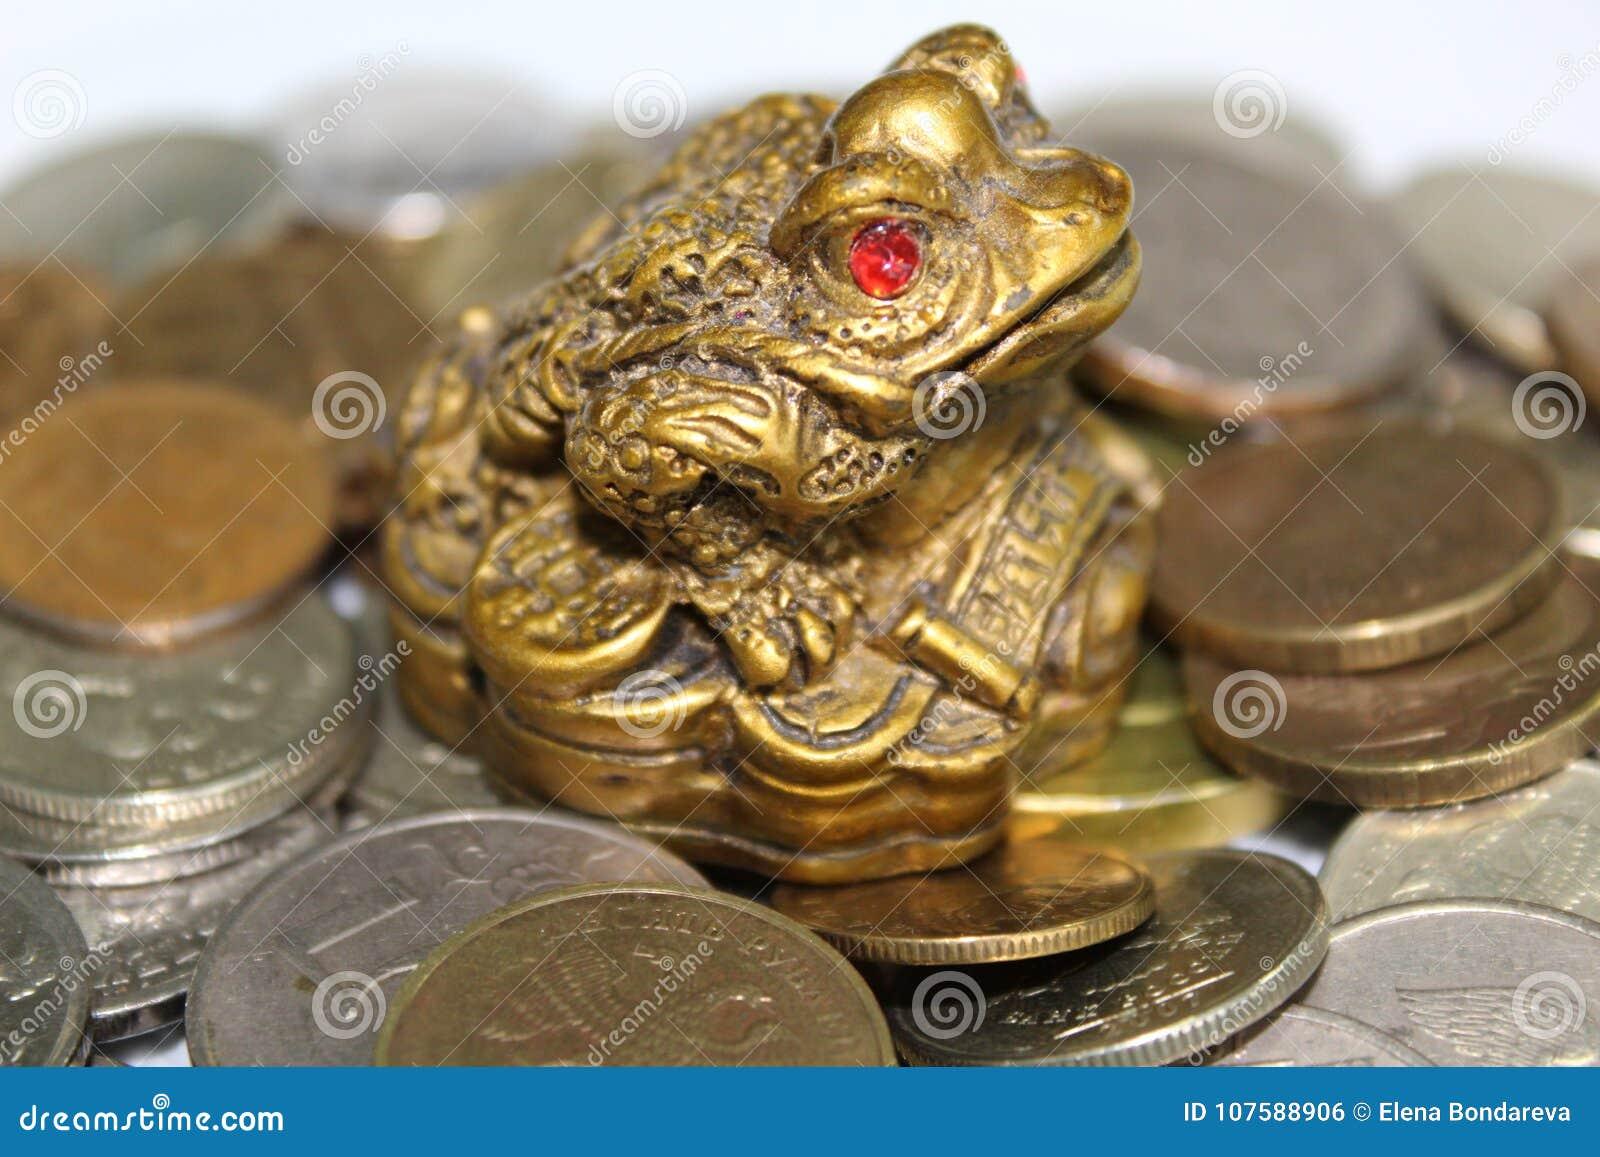 Threelegged Frog Symbol Of Wealth Stock Photo Image Of Affluence